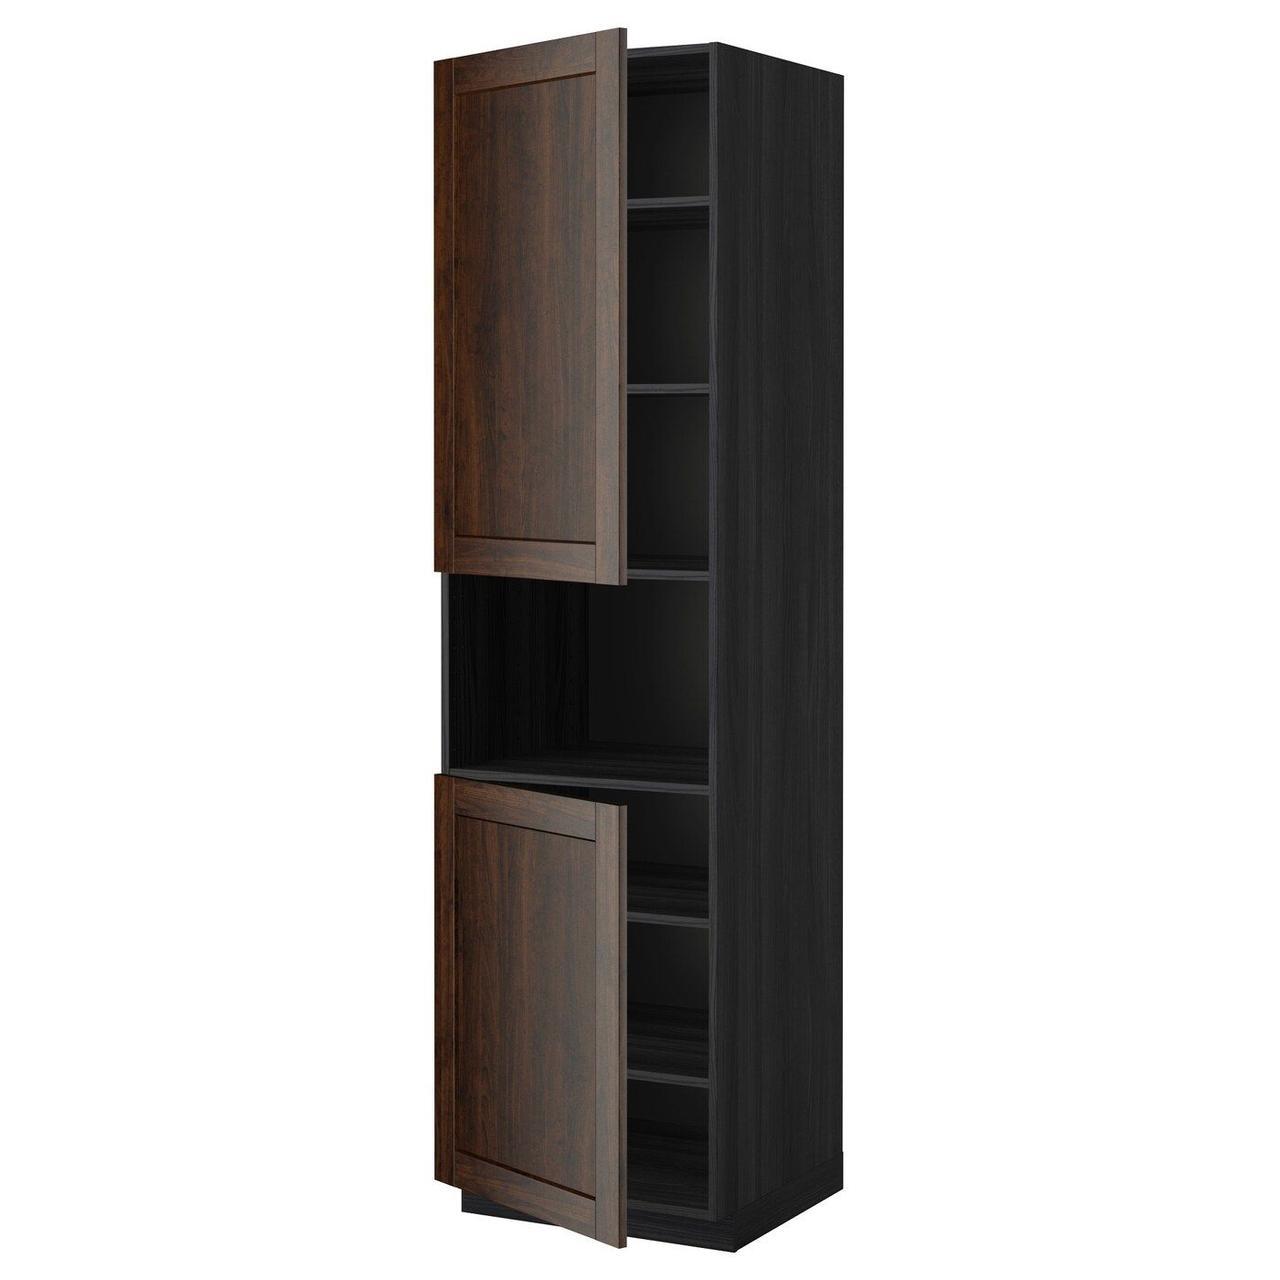 IKEA METOD (ІКЕА МЕТОДИ) 99378814